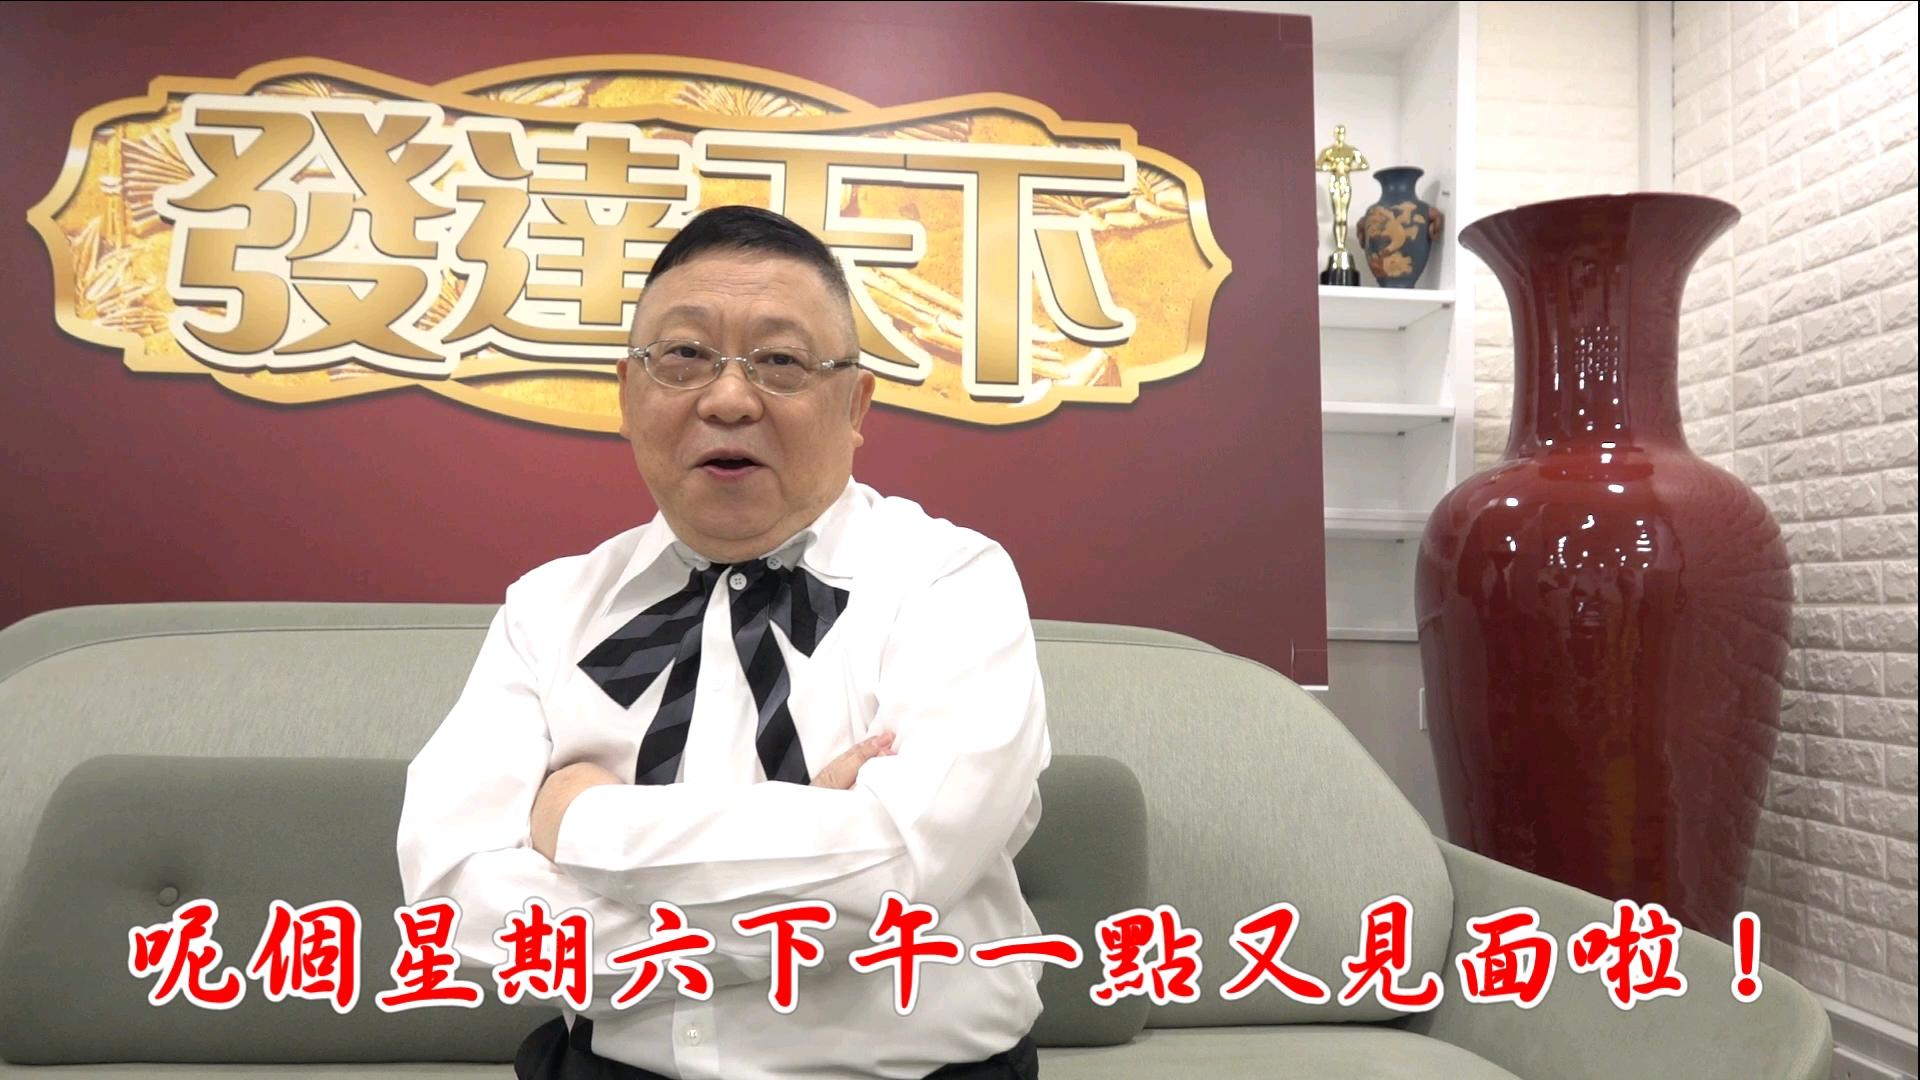 2017-07-28 李居明的預告